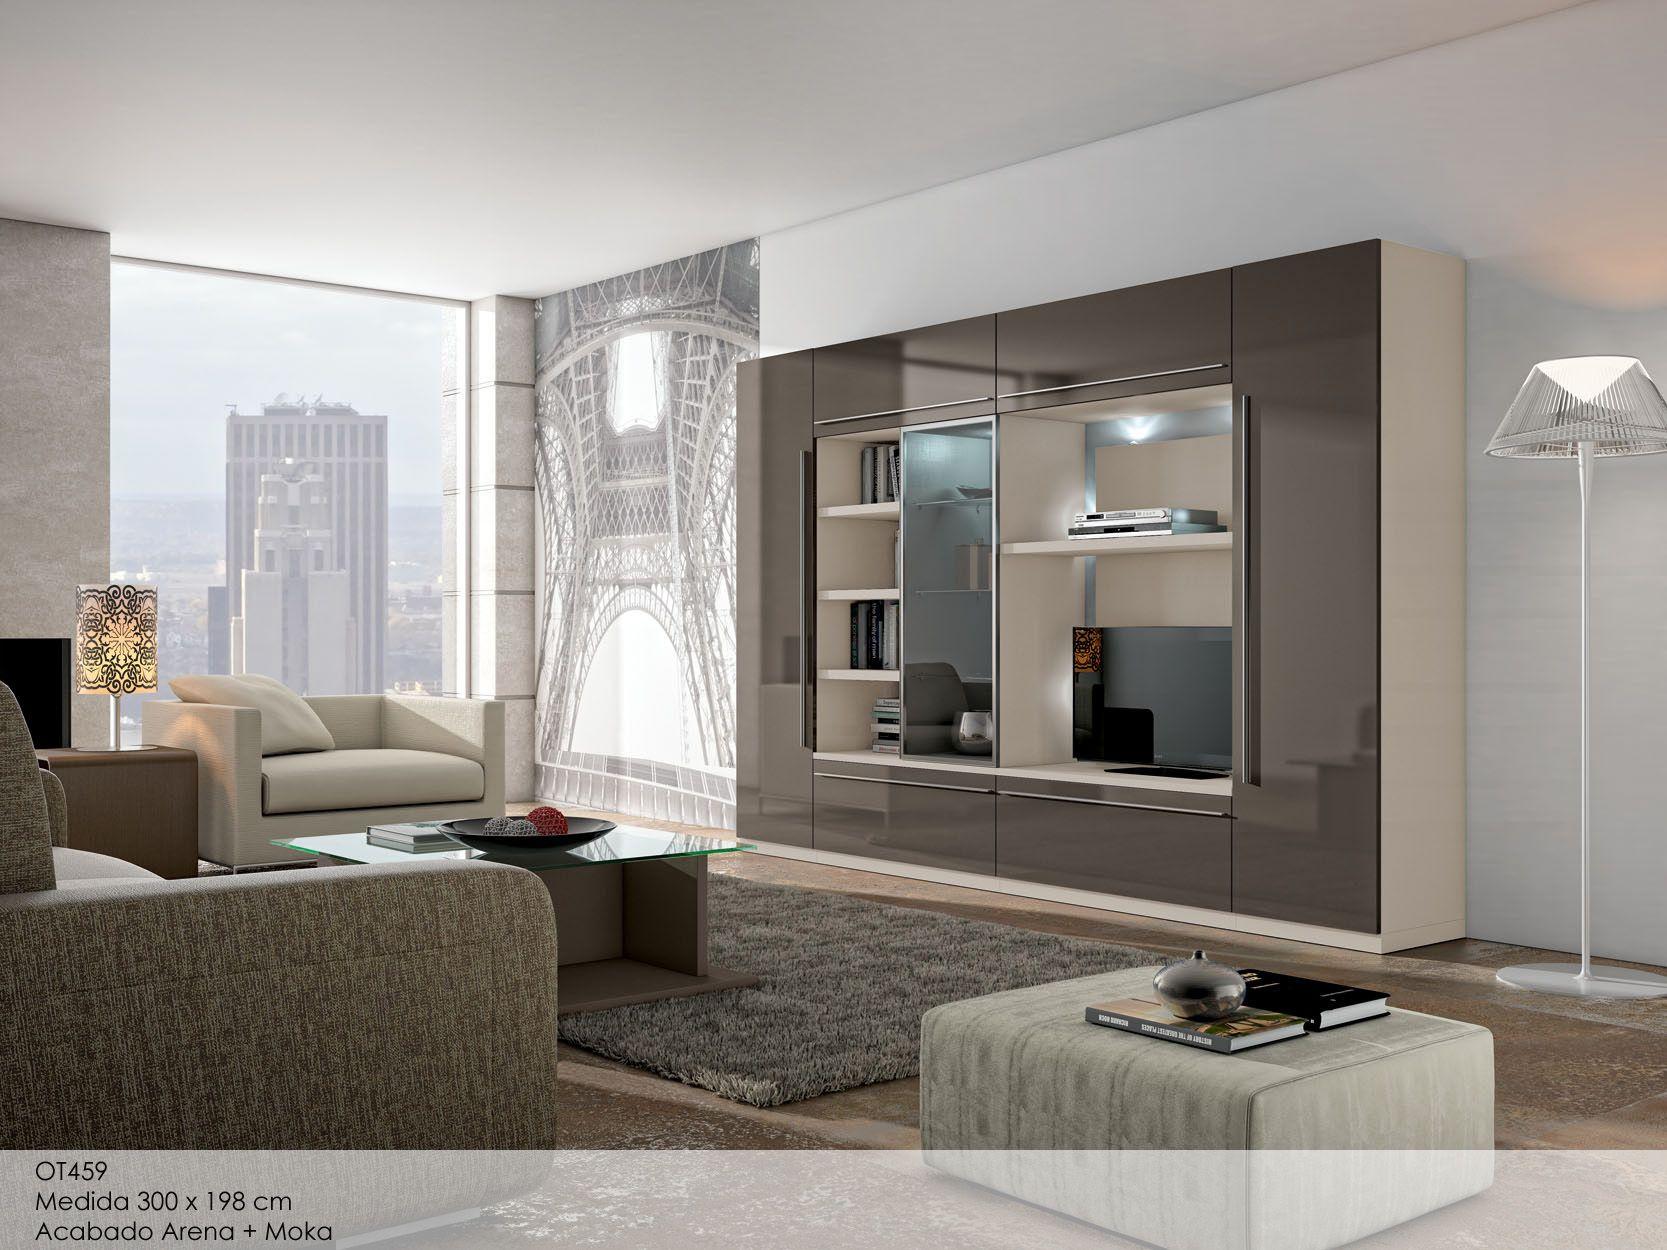 Salones modulares modernos madrid buscar con google for Muebles para television de madera modernos